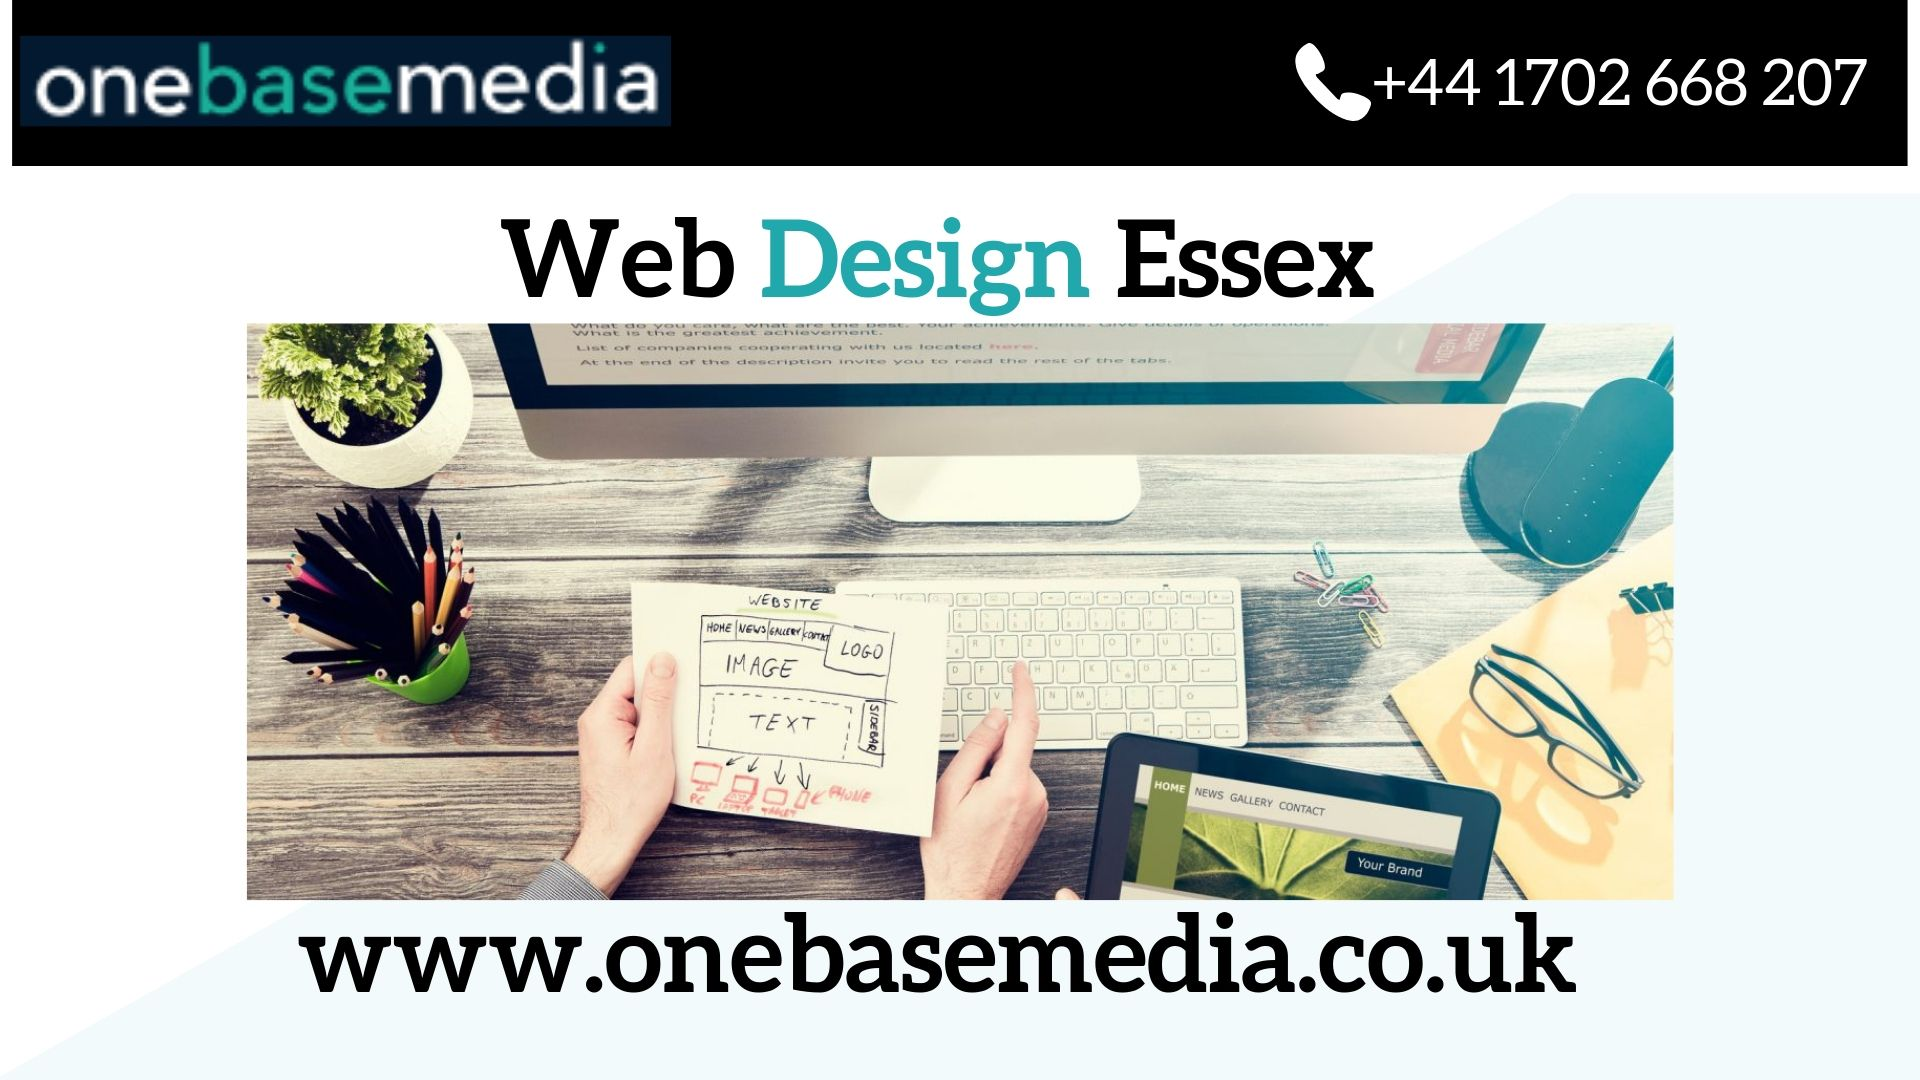 We Love Building Websites Over The Years We Have Built Hundreds Of Bespoke Websites For A Range Of Differ Seo Digital Marketing Affordable Websites Web Design